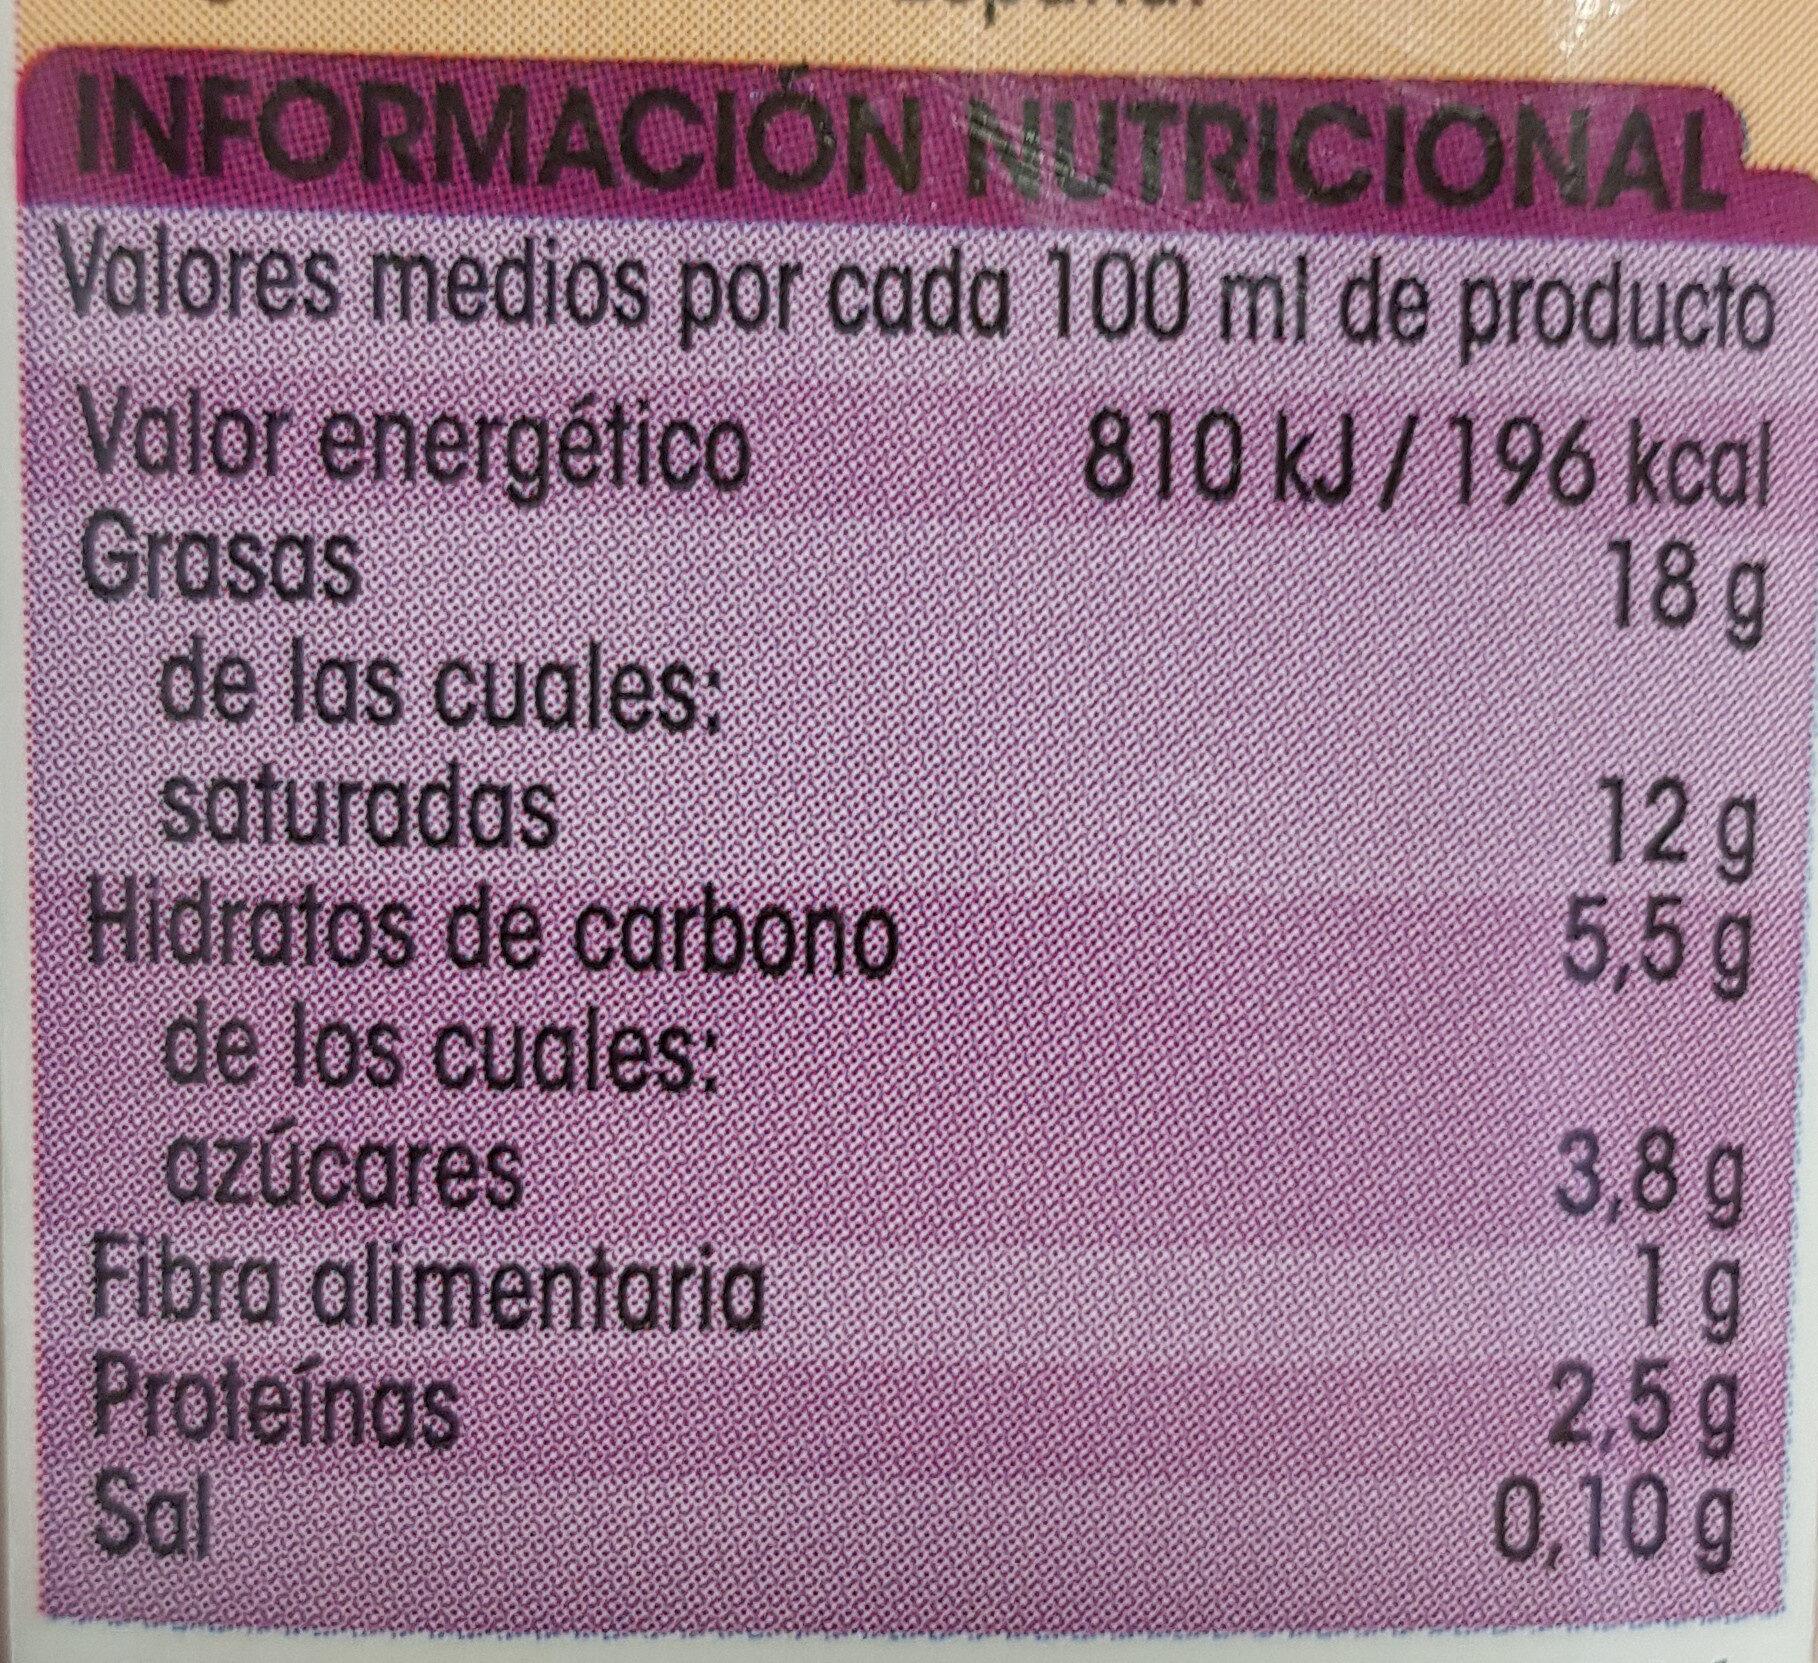 Nata ligera para cocinar - Informação nutricional